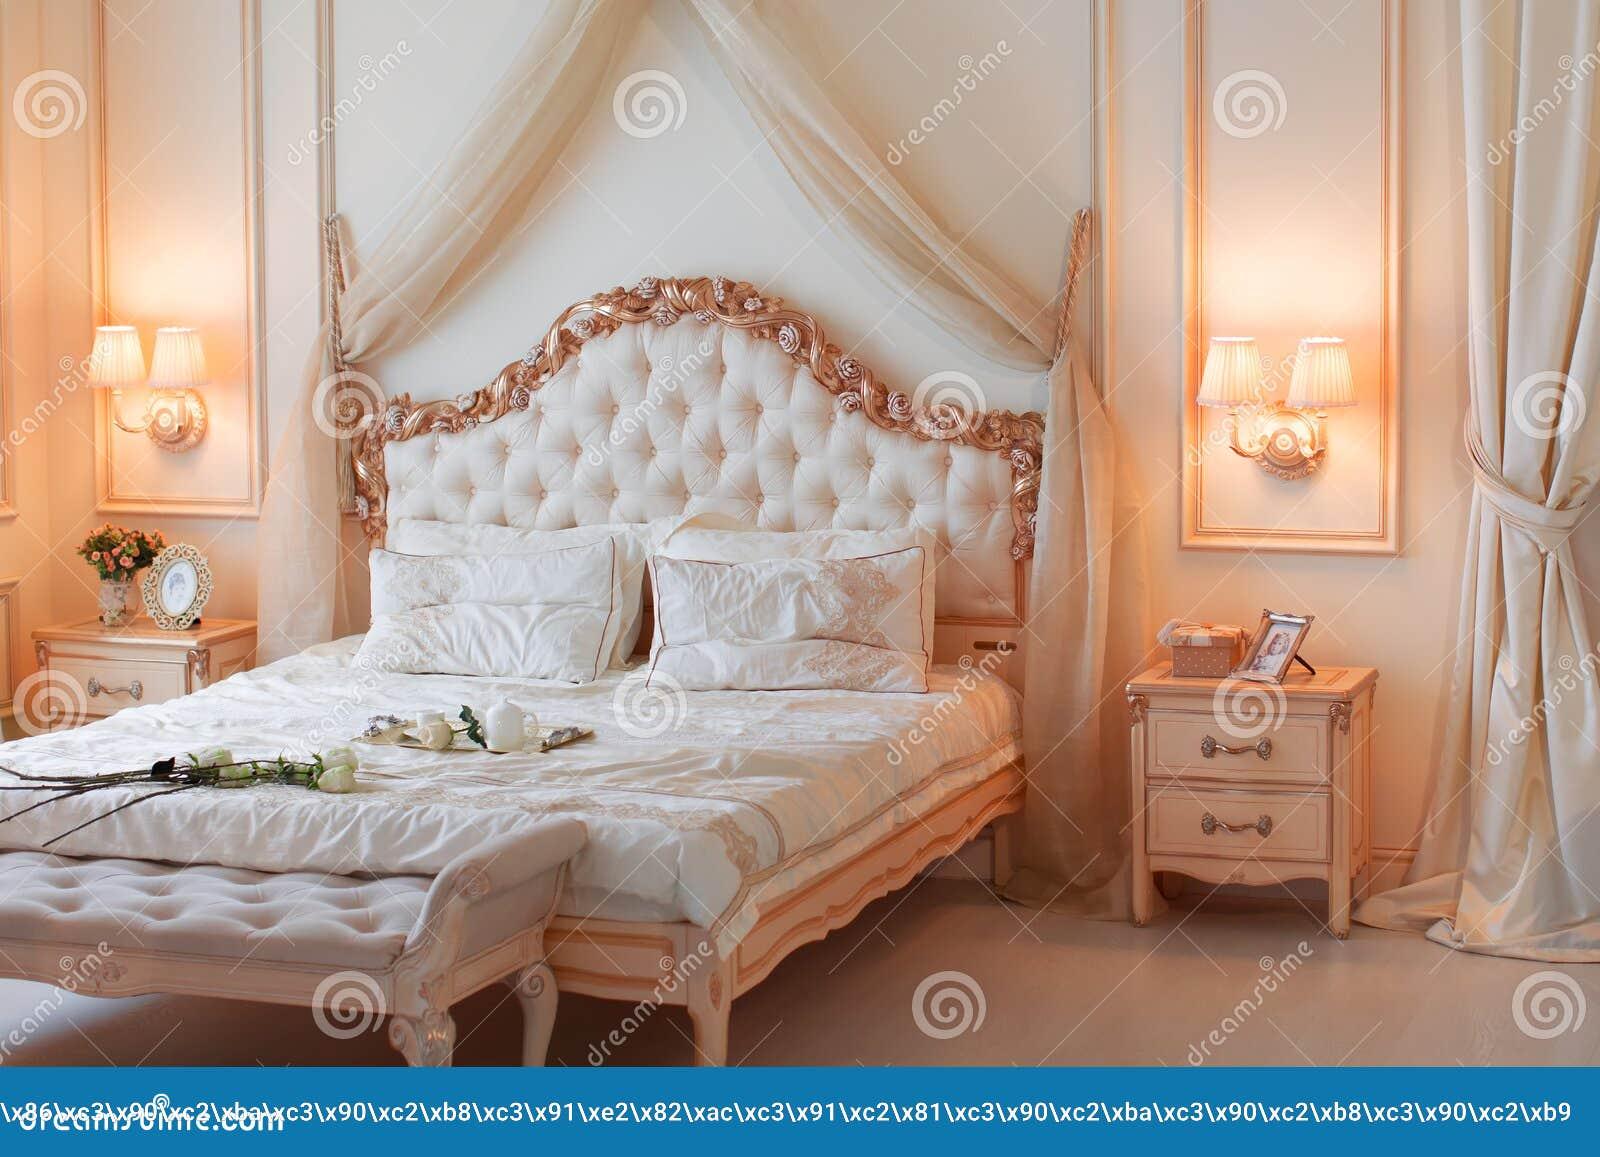 Meubilair voor een slaapkamer in gevoelige kleuren stock foto ...